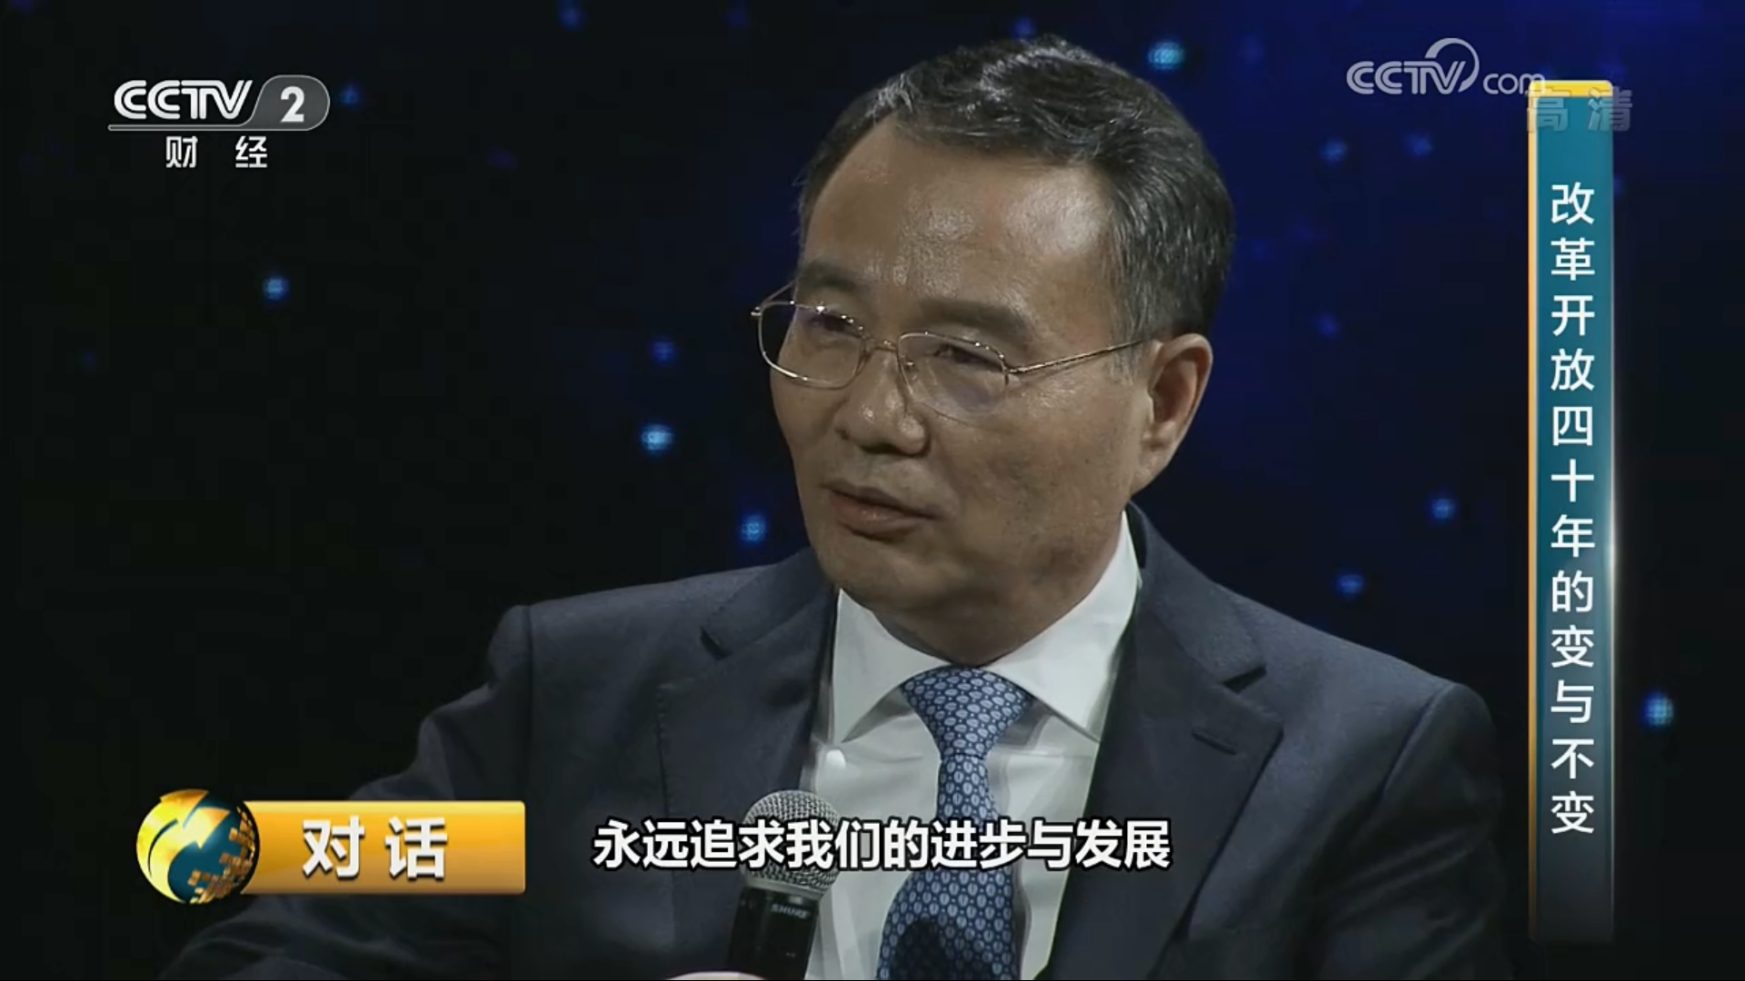 徐冠巨做客央视《对话》:思想再解放,传化再出发